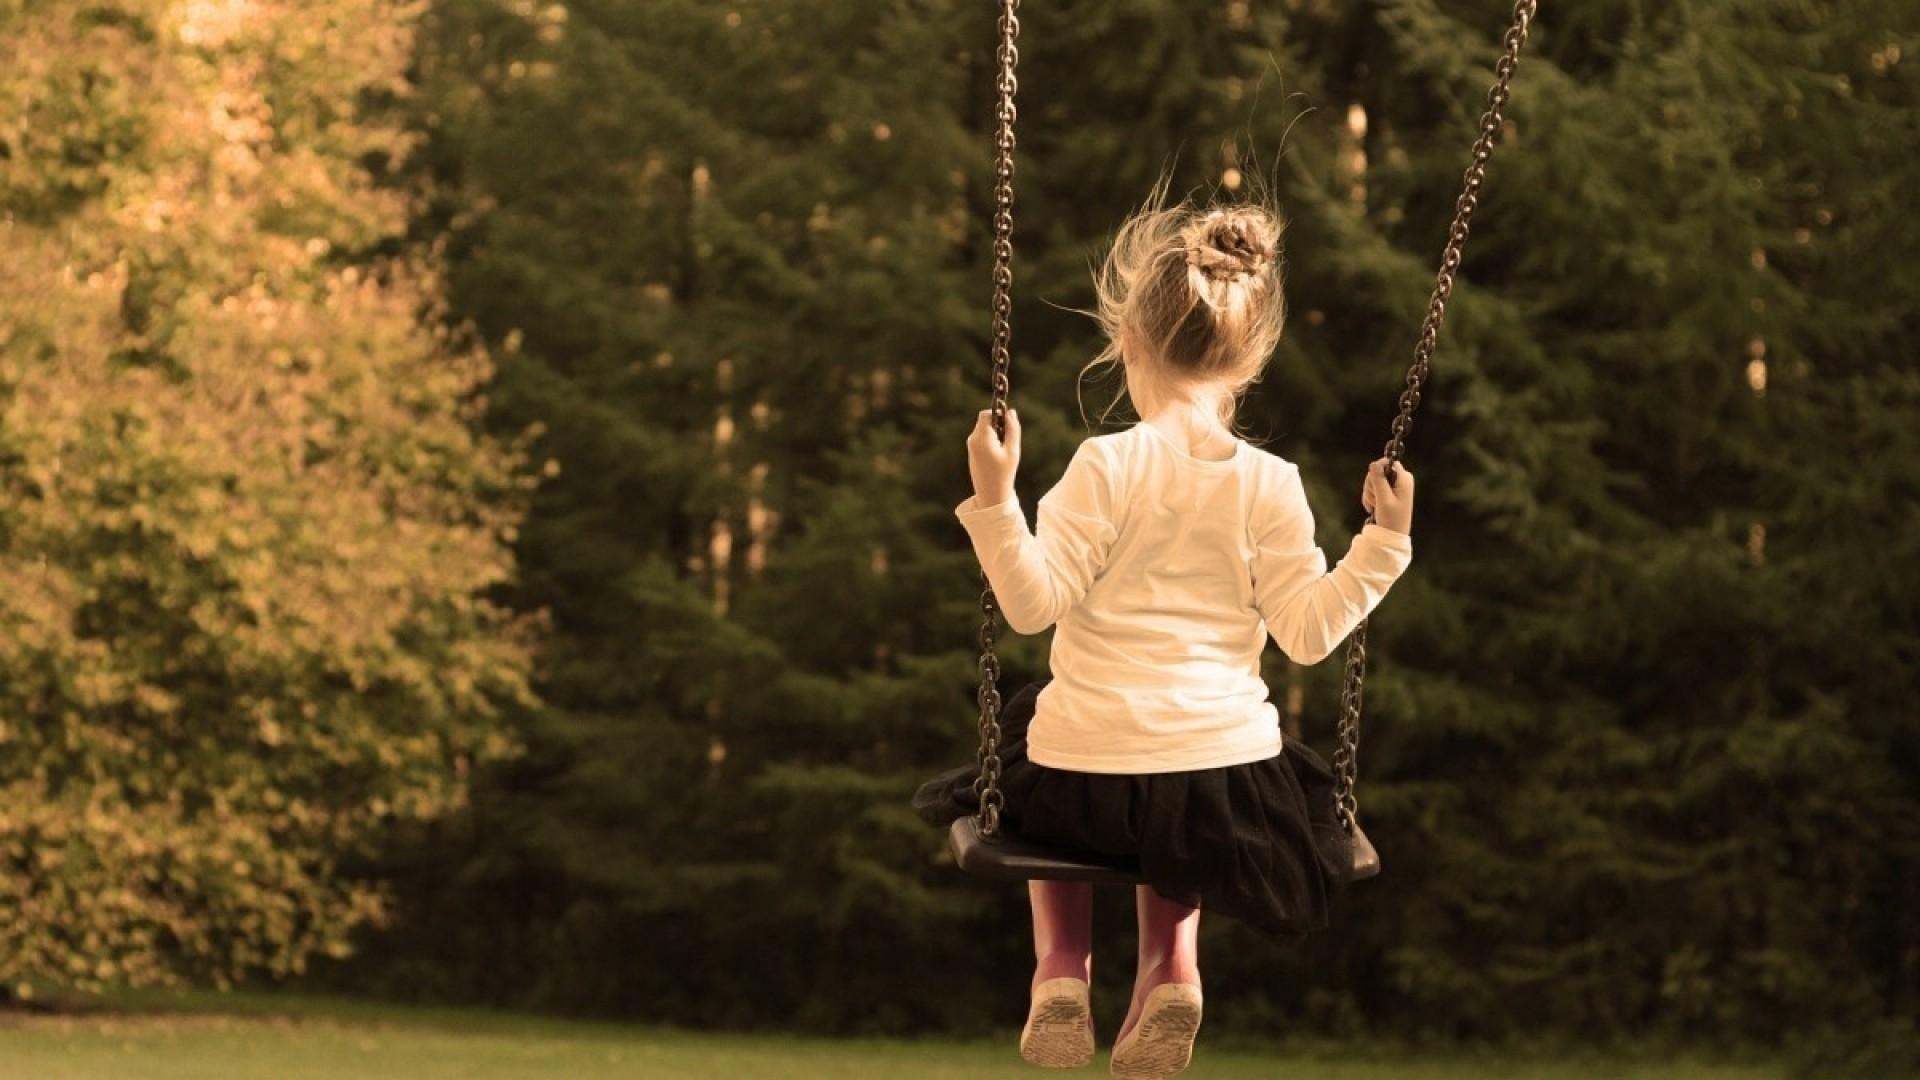 Мой ребенок лучше других! Чем такая позиция вредит детям?